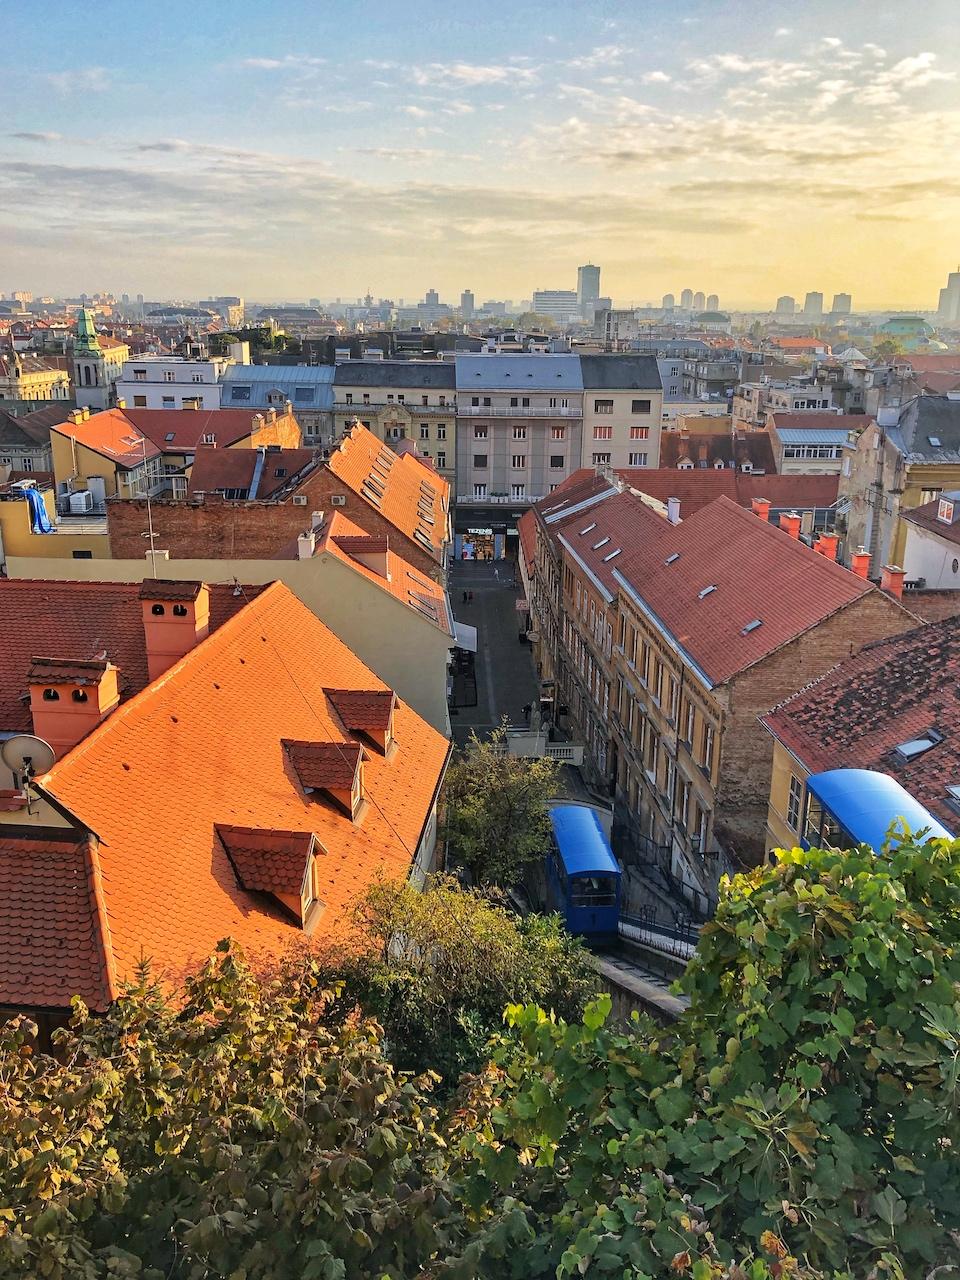 Stedentrip Zagreb - tips - kroatie - kaart Zagreb - Zagreb funicular, de kortste kabelbaan ter wereld